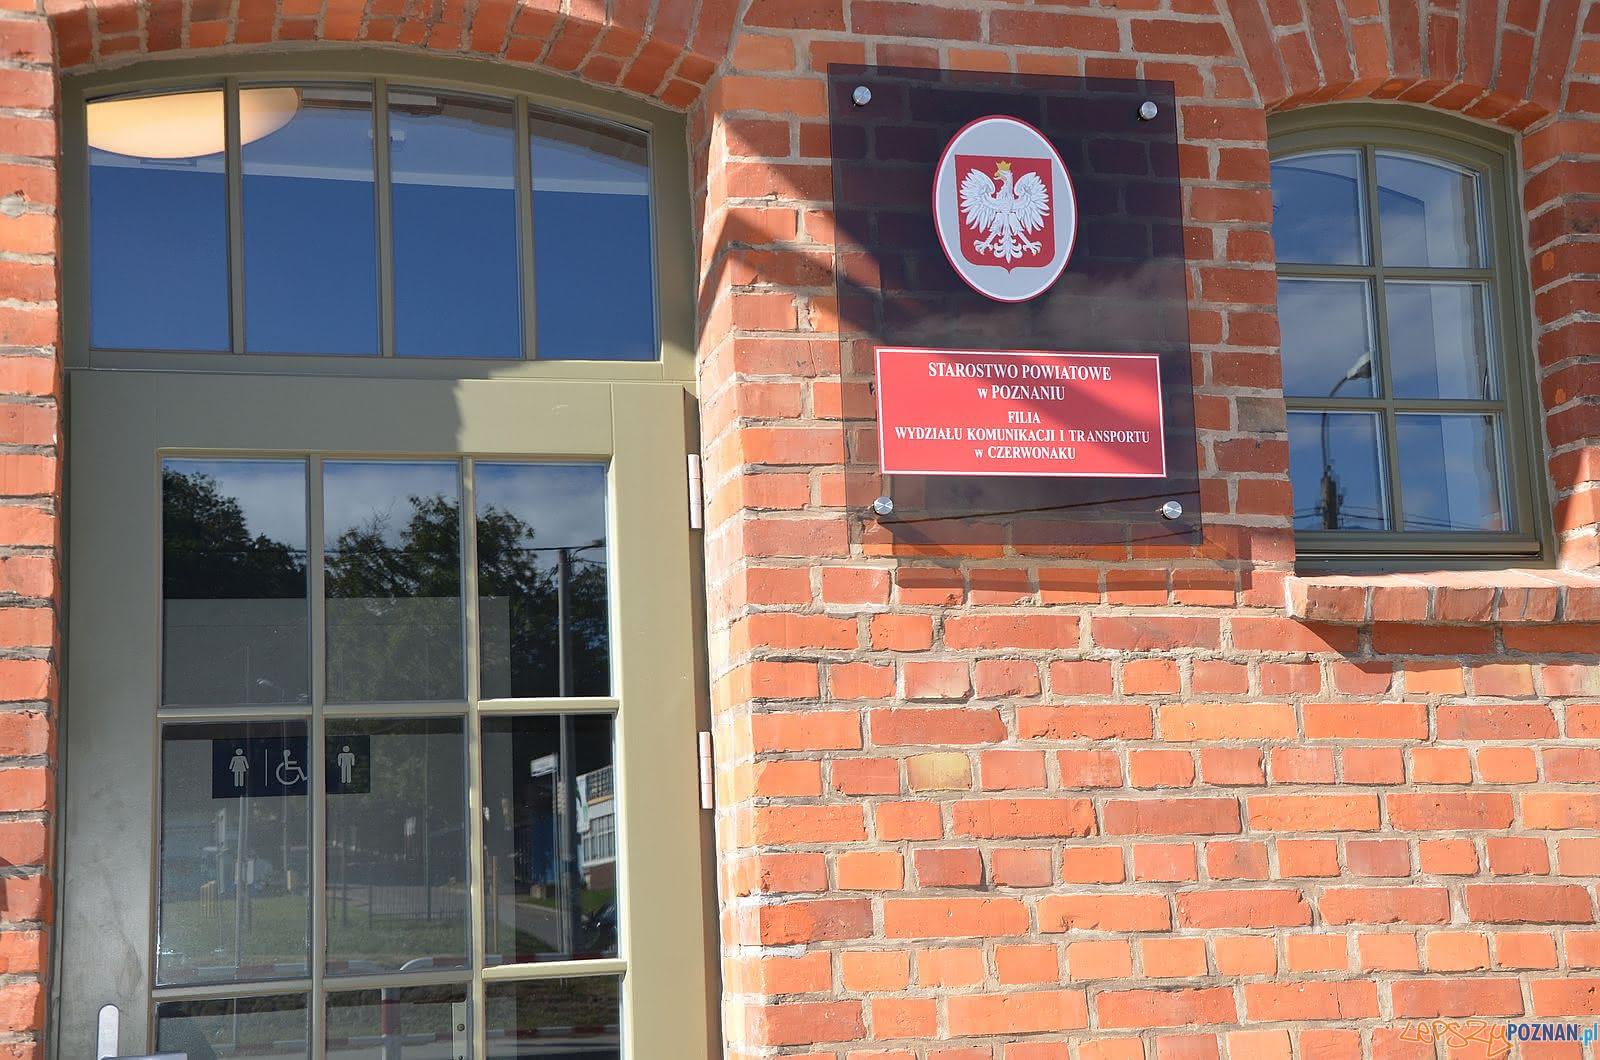 Filia powiatowego Wydziału Komunikacji w Czerwonaku  Foto: Powiat Poznański / materiały prasowe